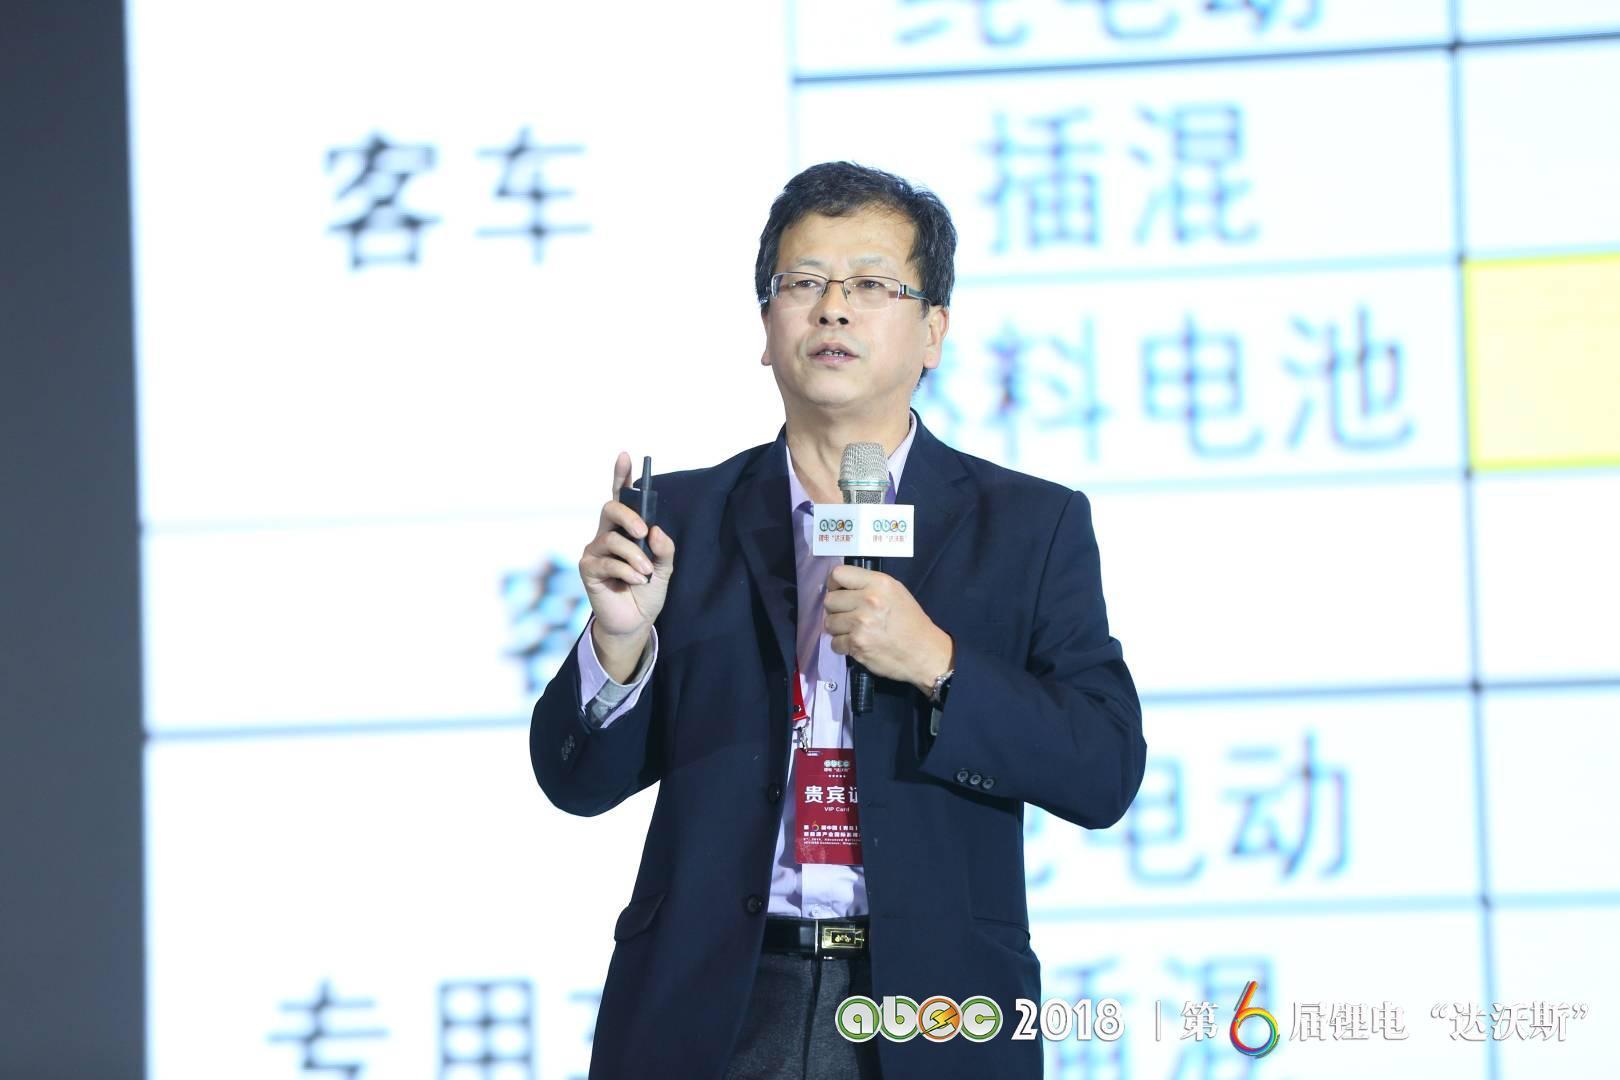 崔东树:中国新能源车成绩好 纯电动不应自乱阵脚